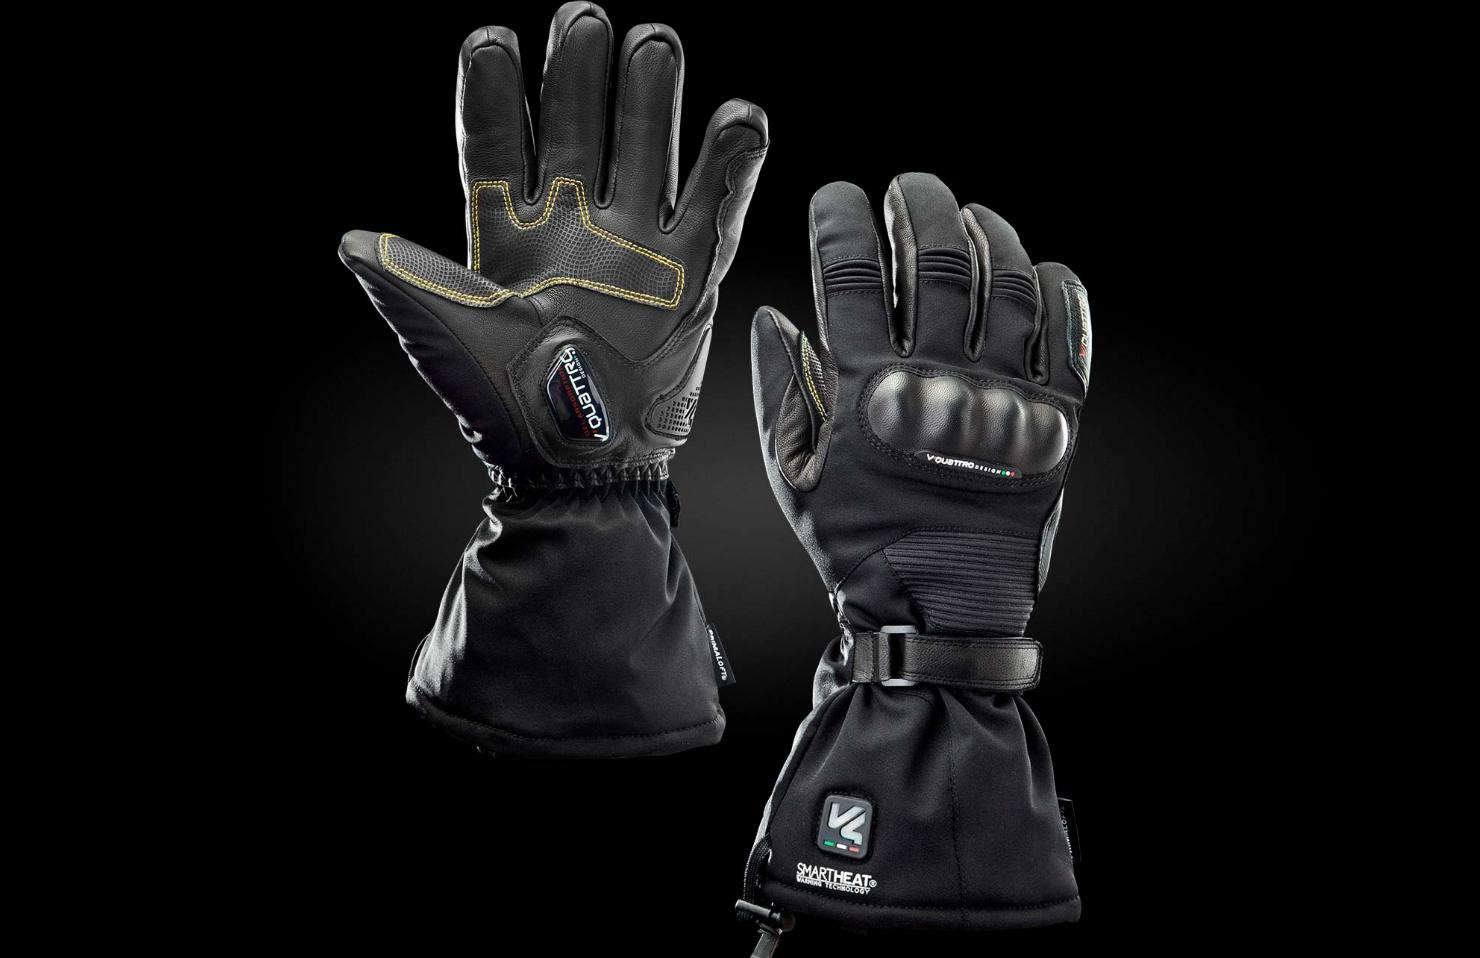 Бизнес-идея изготовления перчаток с подогревом